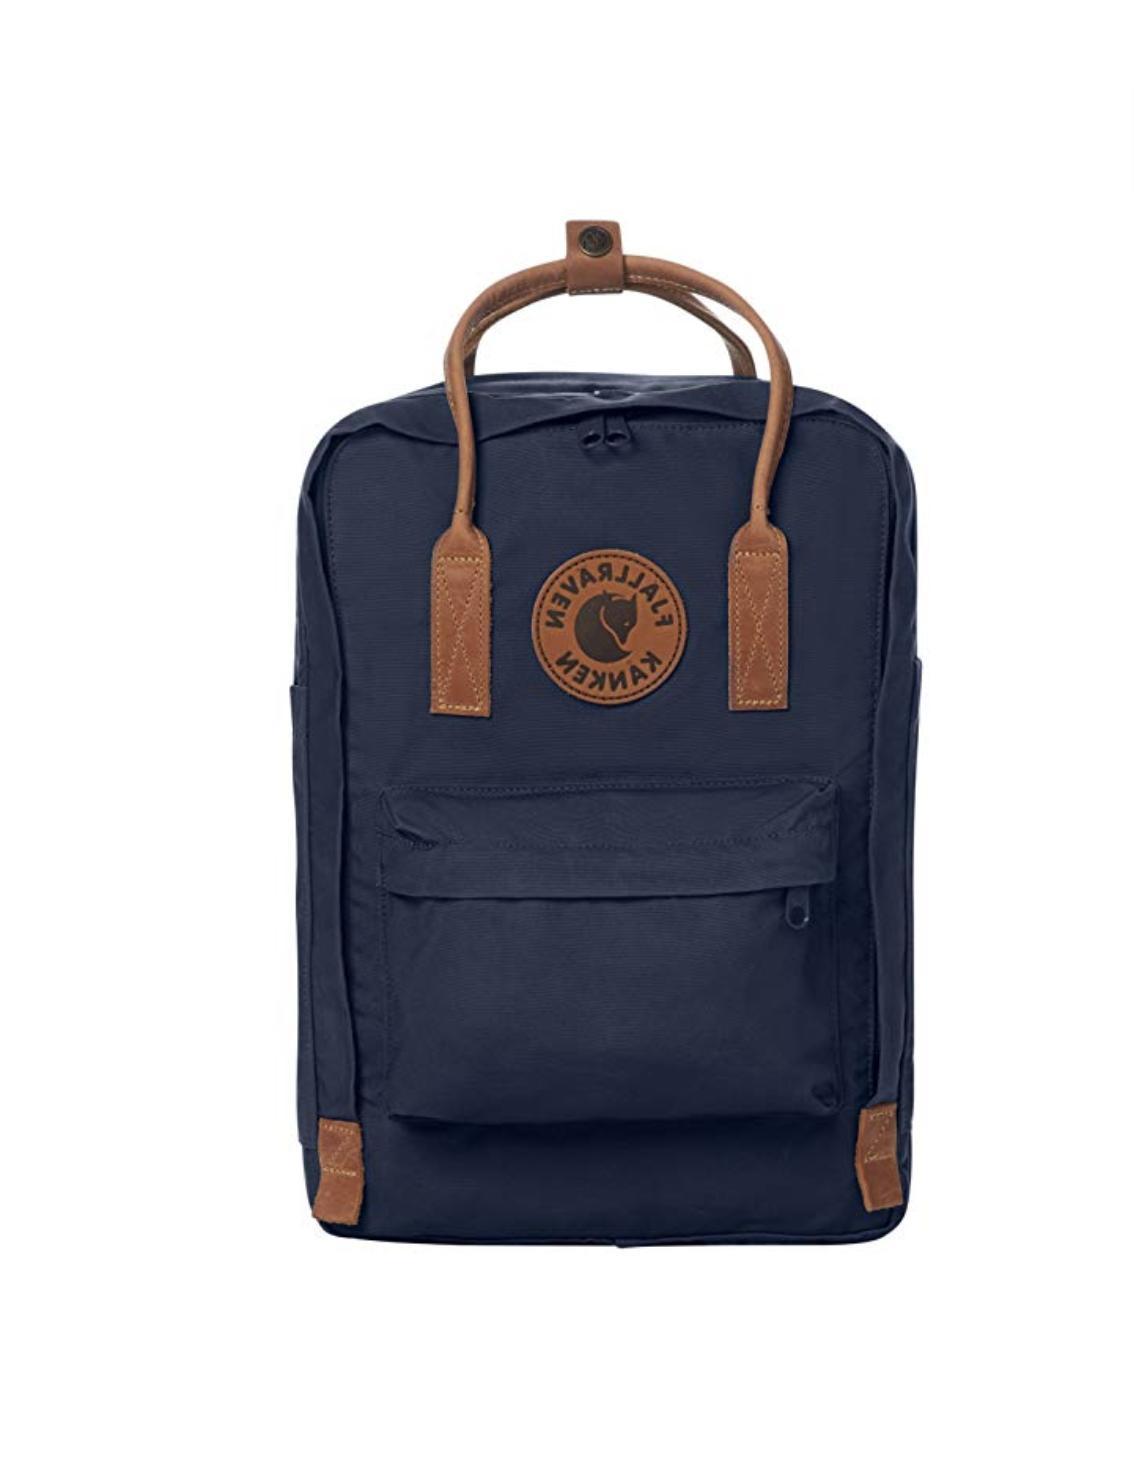 kanken no 2 15 laptop backpacks f23569